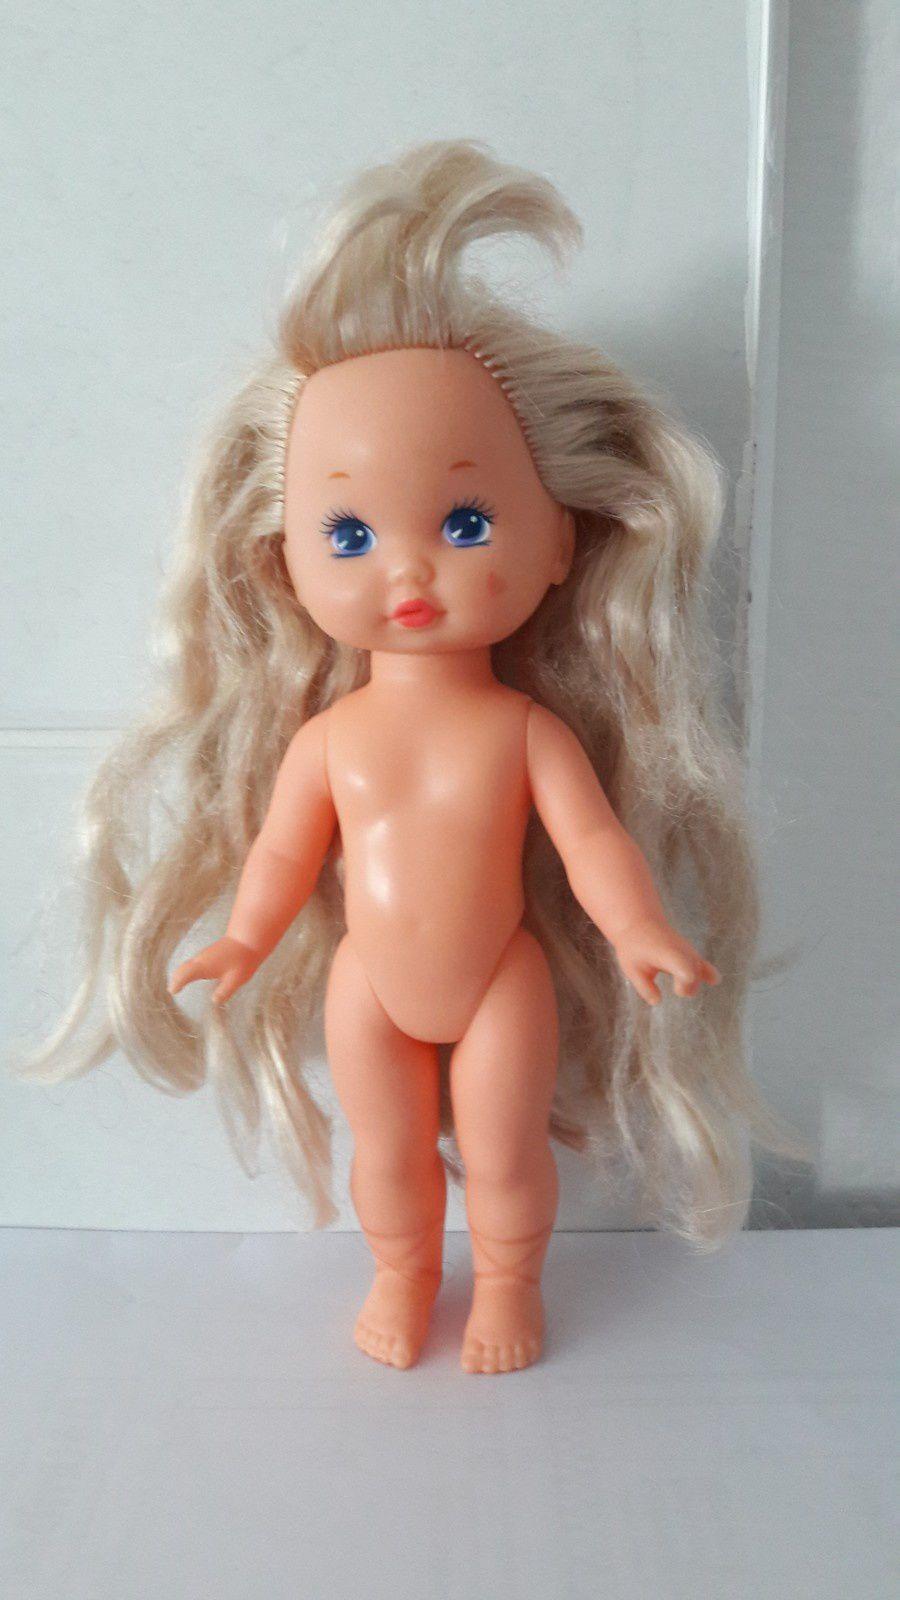 Voici une version plus petite de Lil'miss make up, d'une 20aine de centimètres: son maquillage ne change pas mais elle avait de nombreuses tenues. Il s'agit ici de Wee Lil'miss Ballerina, Mattel, 90.